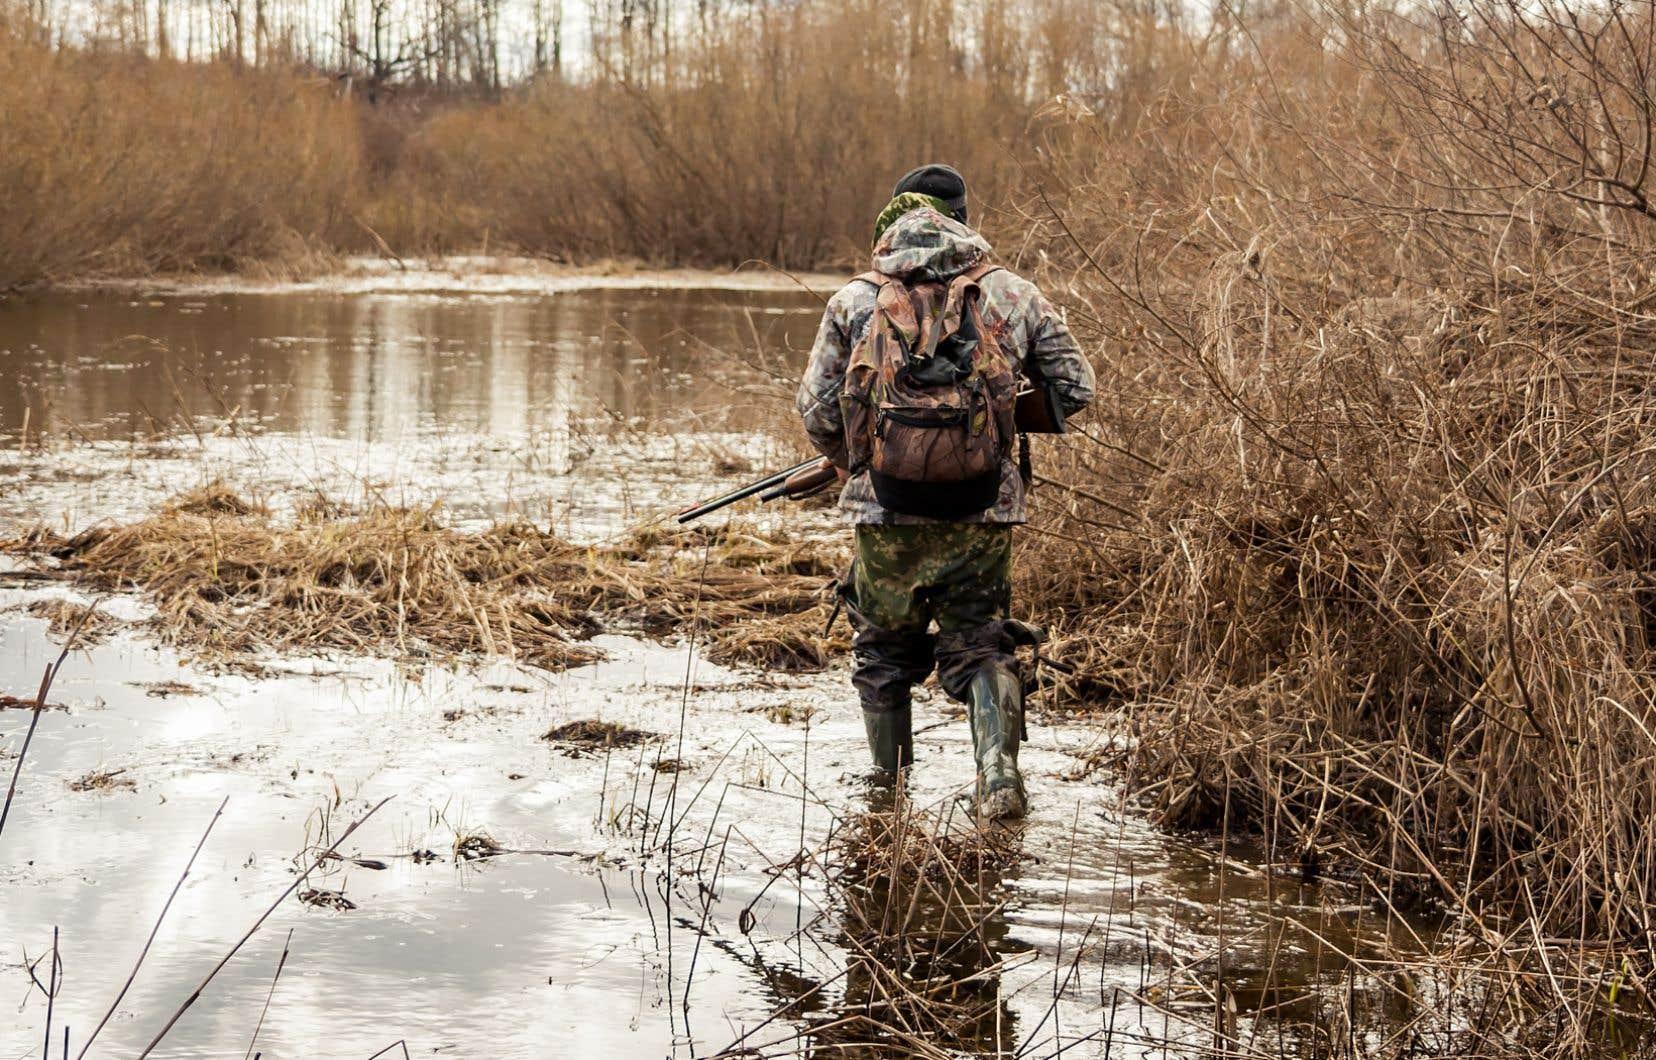 Le permis de chasse et les certifications demeurent nécessaires, mais il seront beaucoup plus difficiles à obtenir cette année en raison de la pandémie.